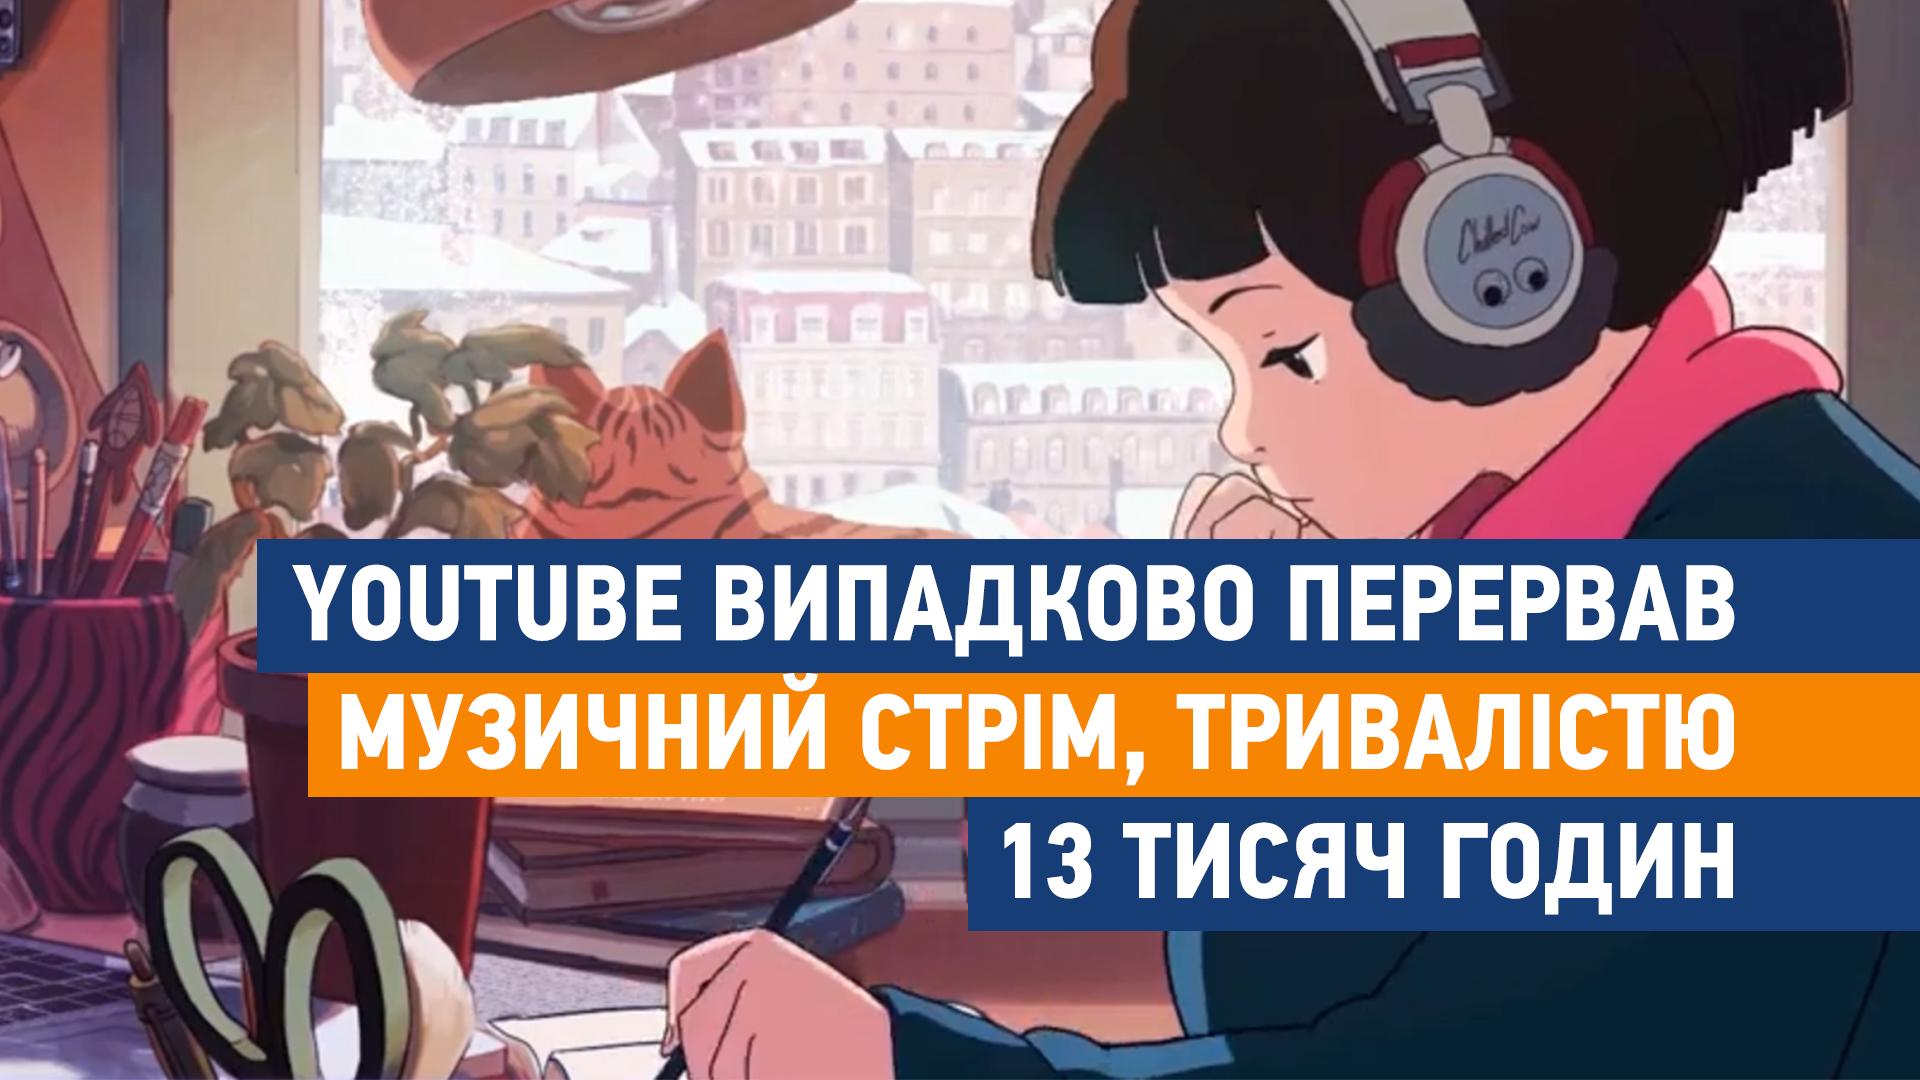 YouTube випадково перервав музичний стрім, тривалістю 13 тисяч годин - youtube - youtube strim poglyad